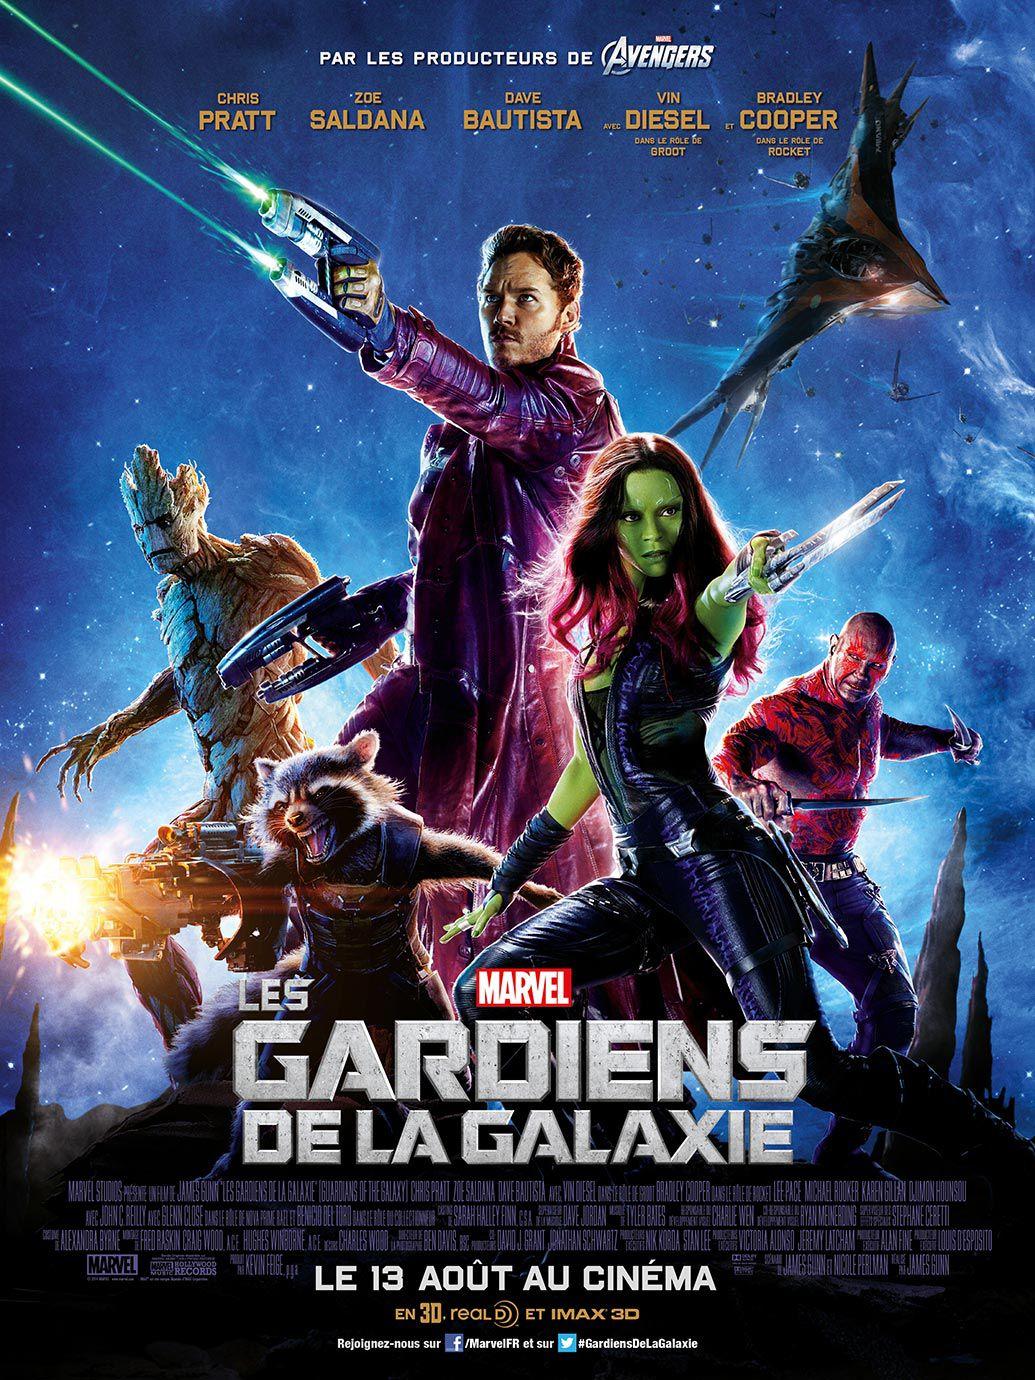 Les Gardiens de la galaxie - Film (2014)